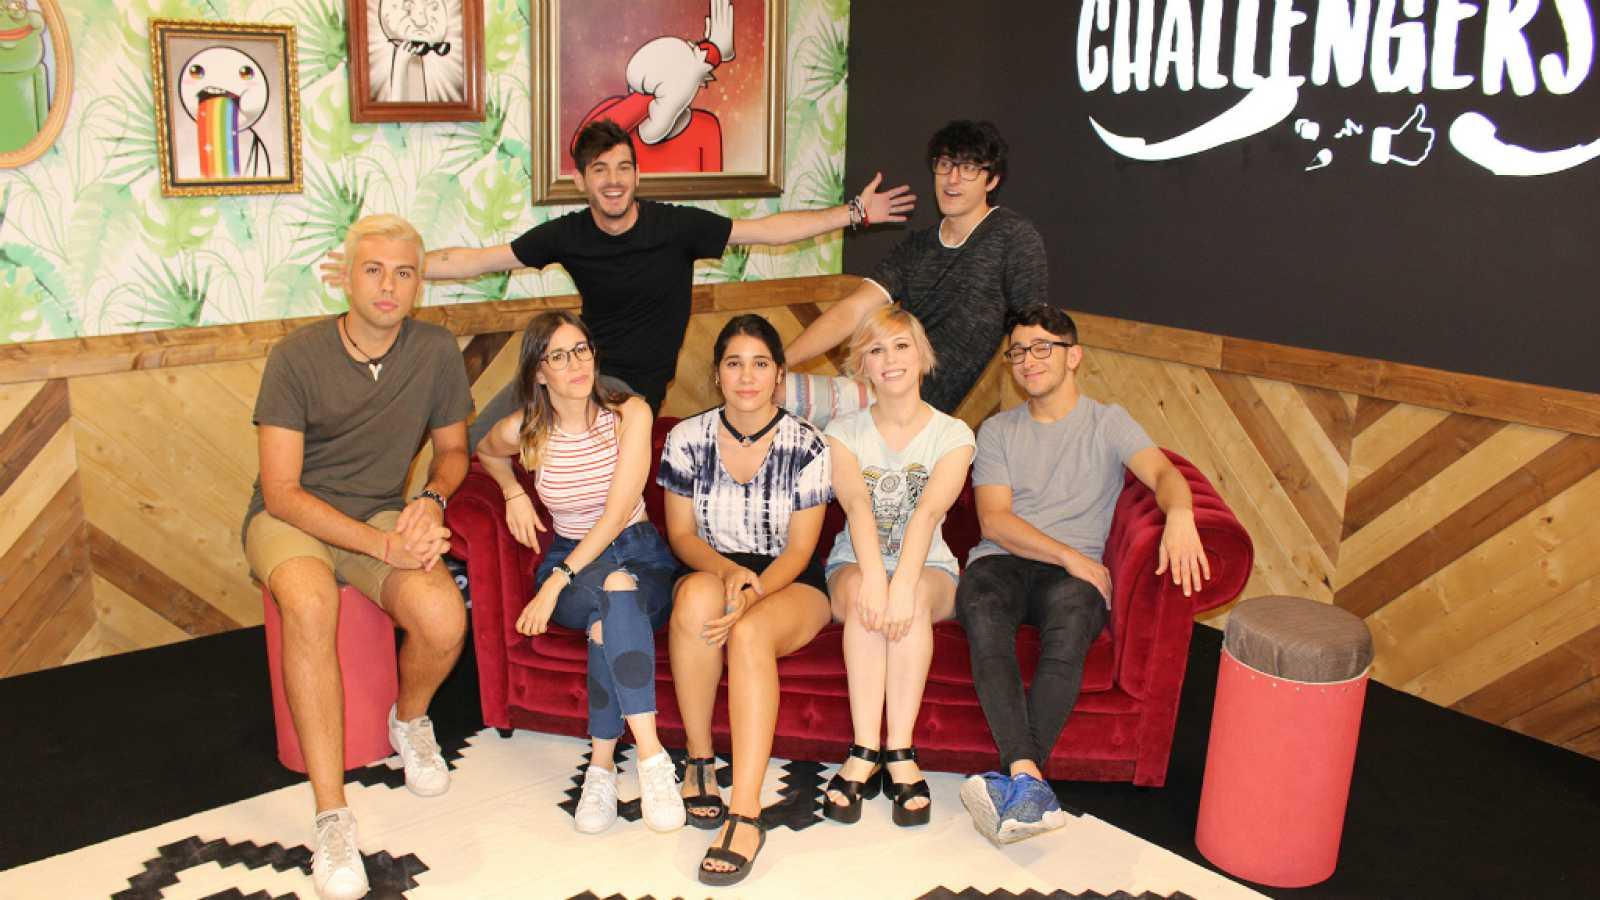 The Challengers -  Luna, Zeus, Herrejón, Sara, Spursito y Sive se mojan: ¿por qué han decidido participar en 'The Challengers'?